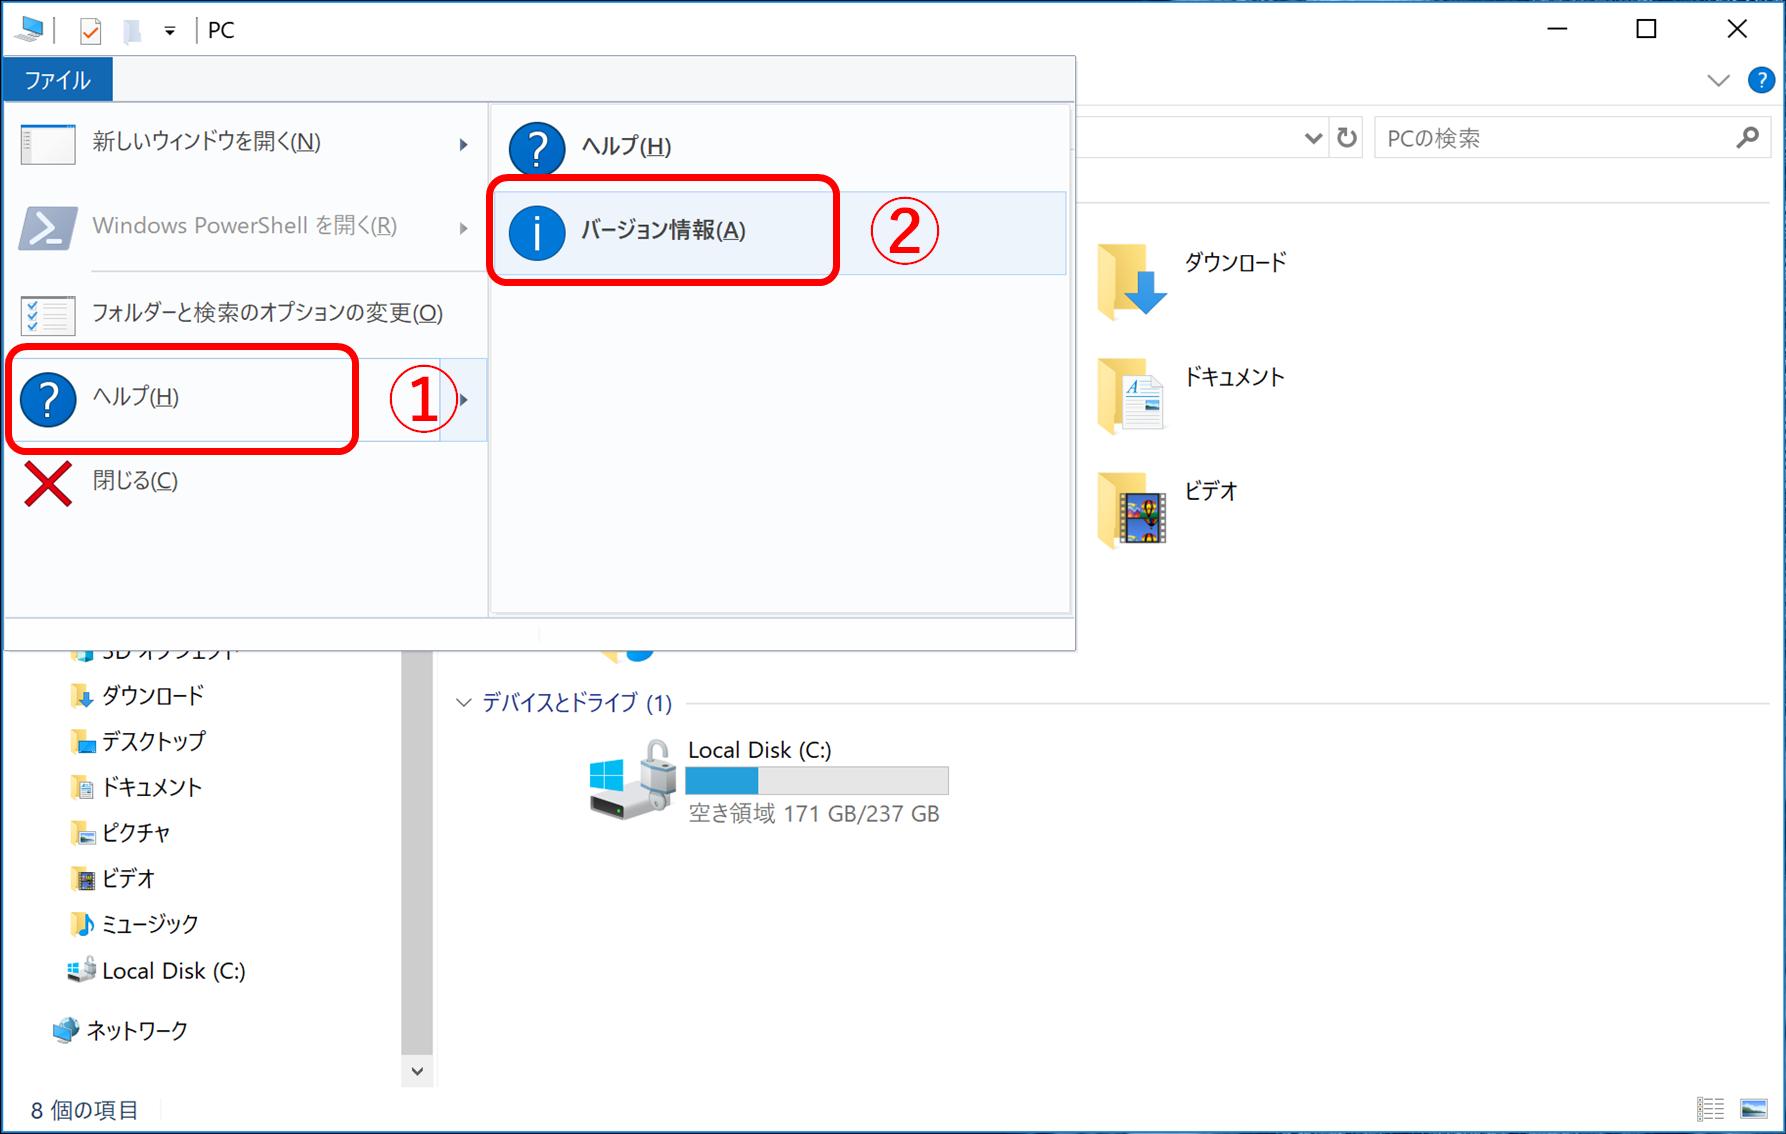 エクスプローラ→ファイル→ヘルプ→バージョン情報